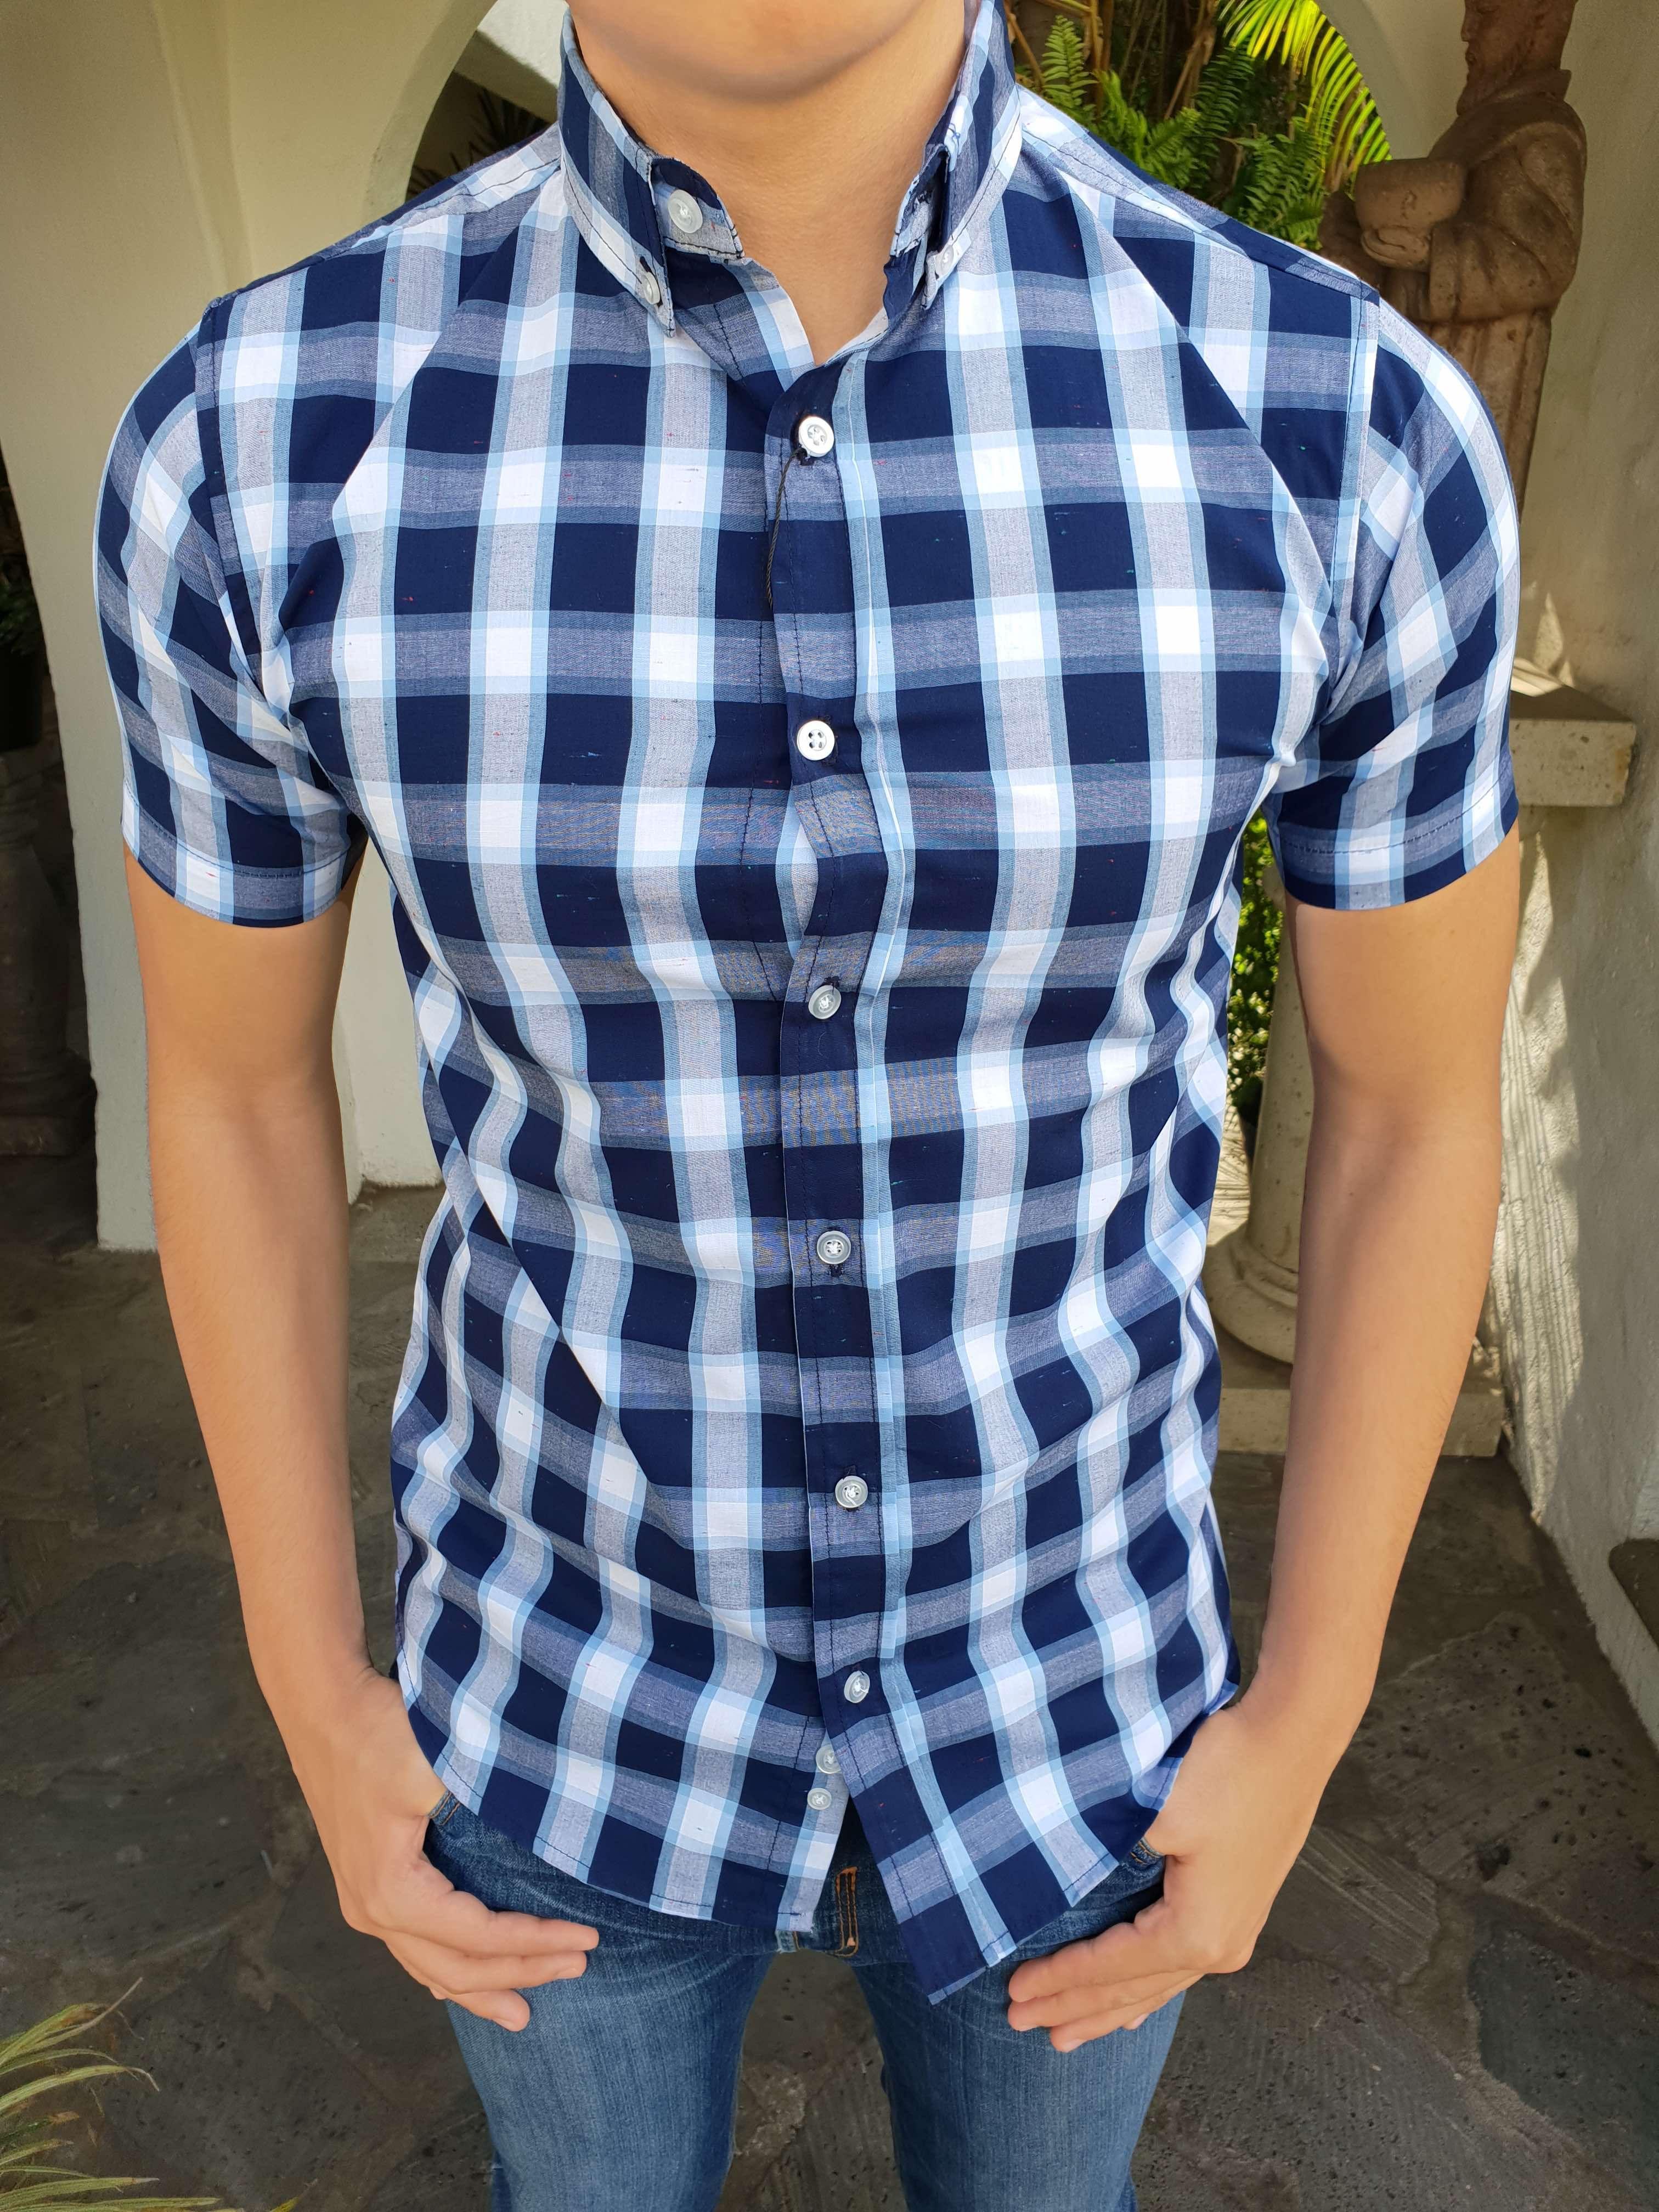 acc26add717e4 Outfit para hombre  camisa de cuadros azules y en manga corta y jeans de  mezclilla